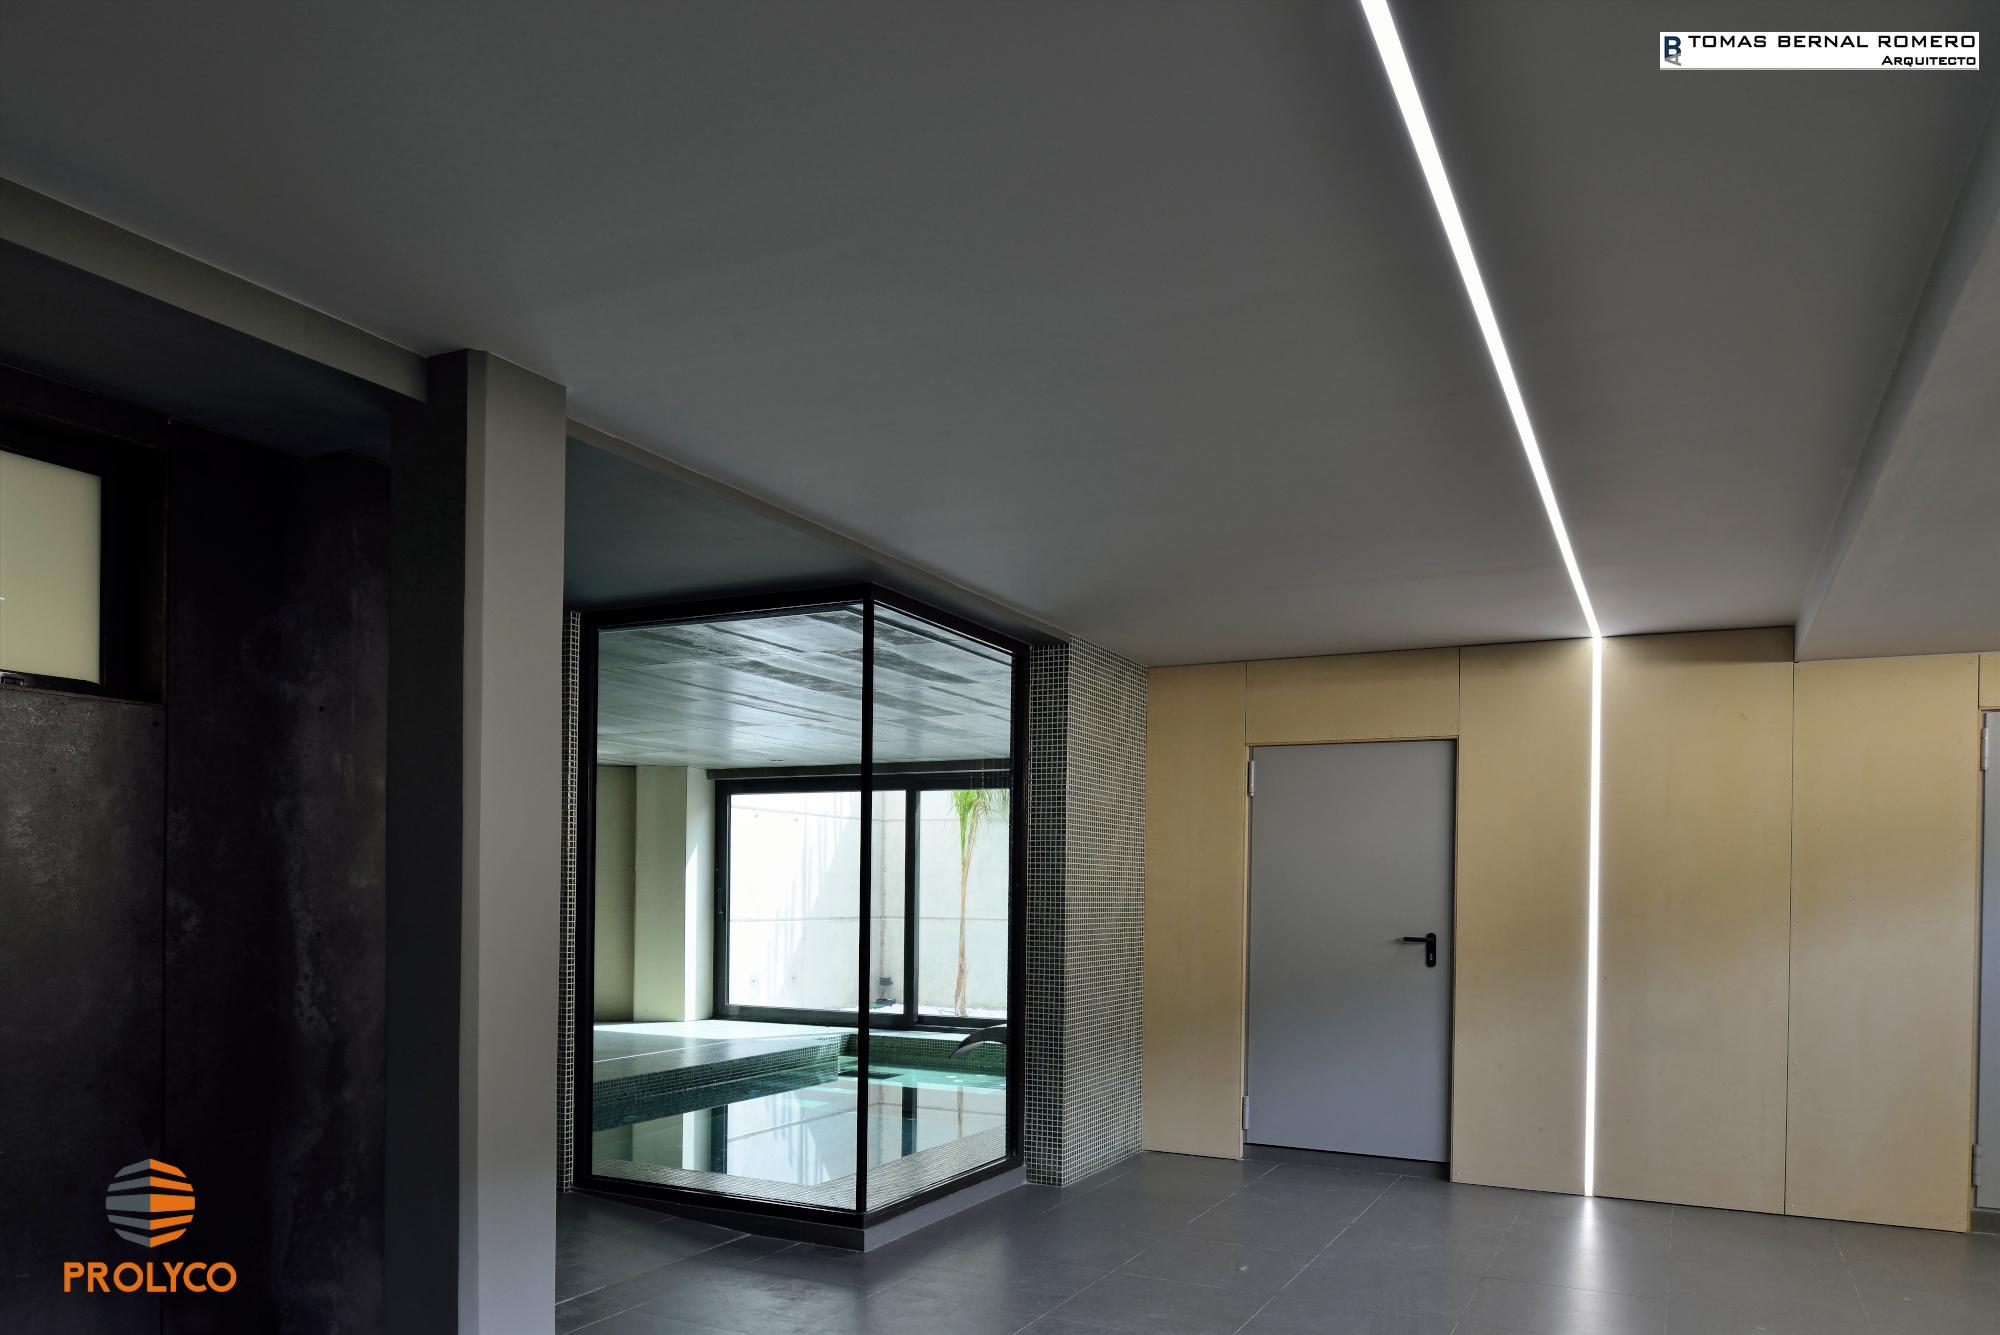 Construcci n de vivienda unifamiliar chalet 3 for Vivienda interior